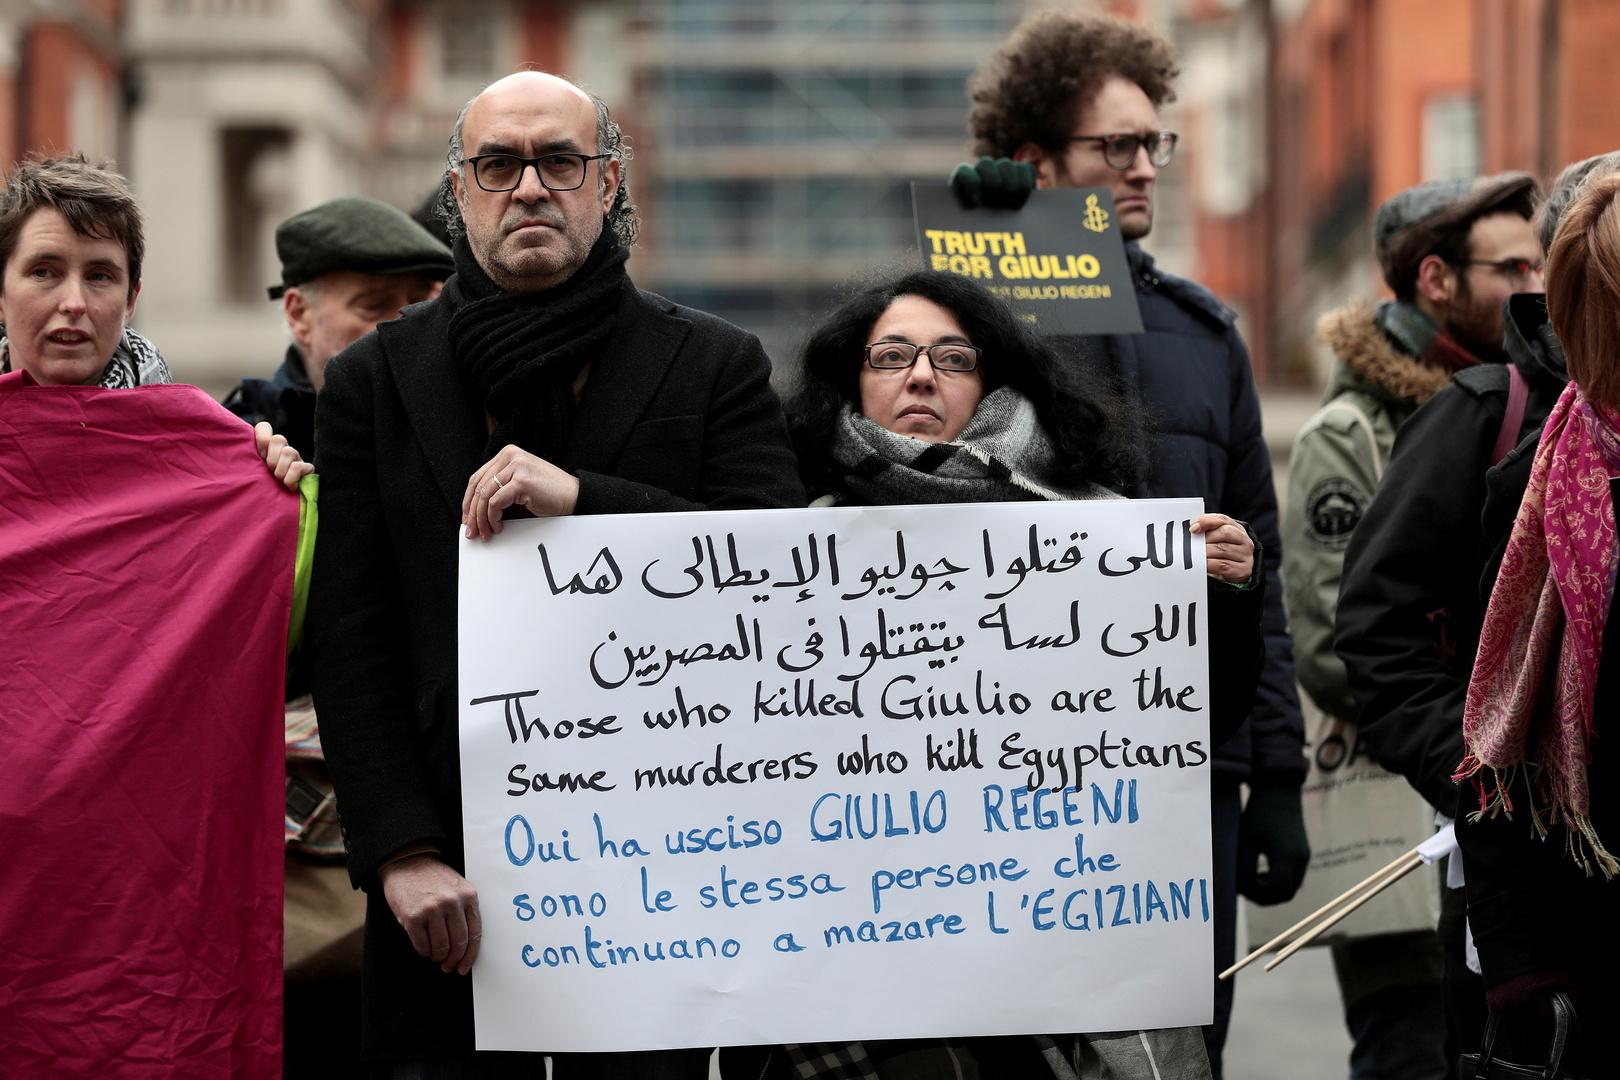 قضية هزت الرأي العام.. محاكمة 4 ضباط مصريين في إيطاليا